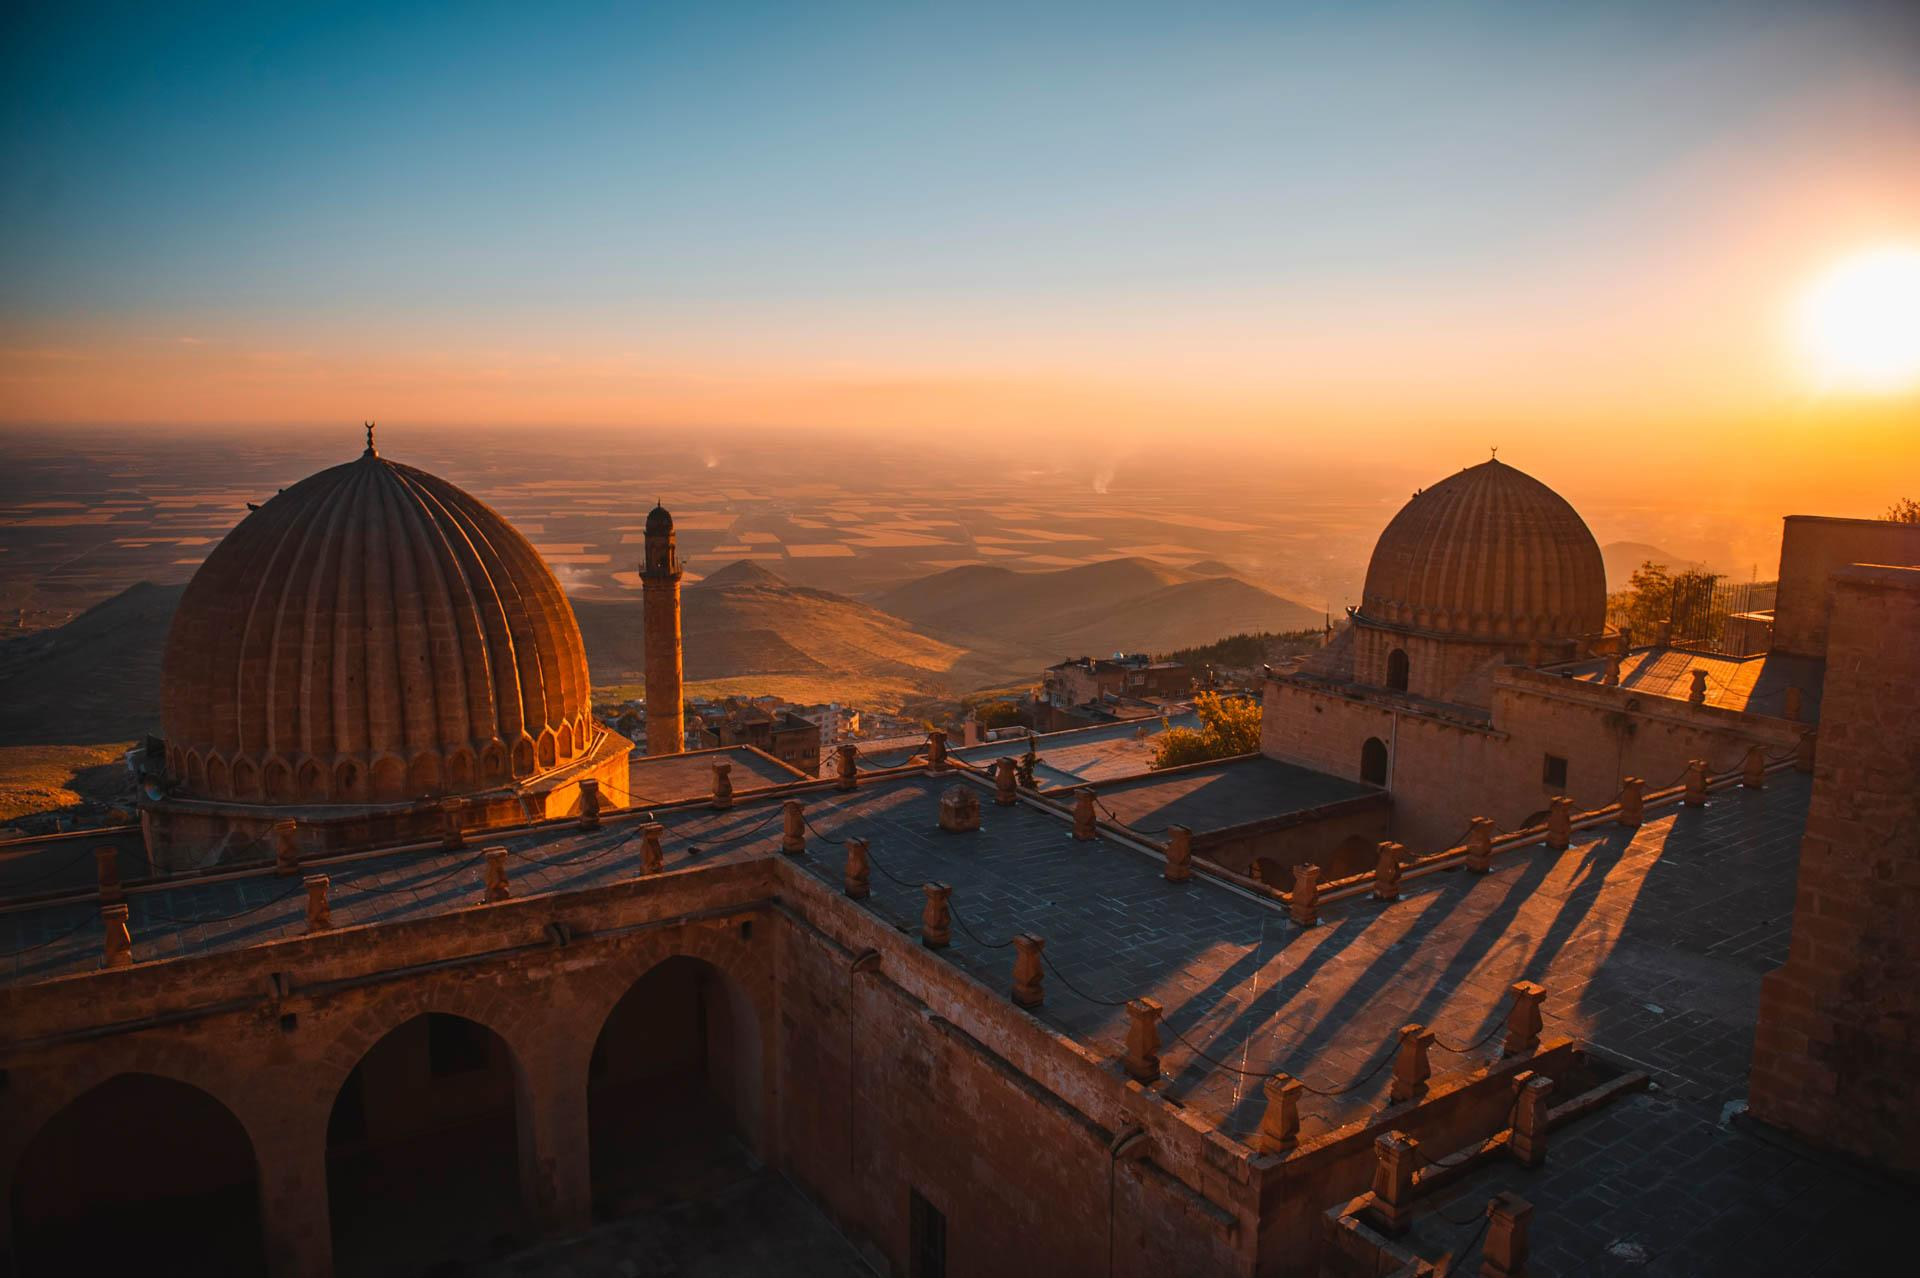 Les dômes de la Zinciriye Medresesi de Mardin où les arabes enseignaient l'astronomie à partir du XIVe siècle © shutterstock